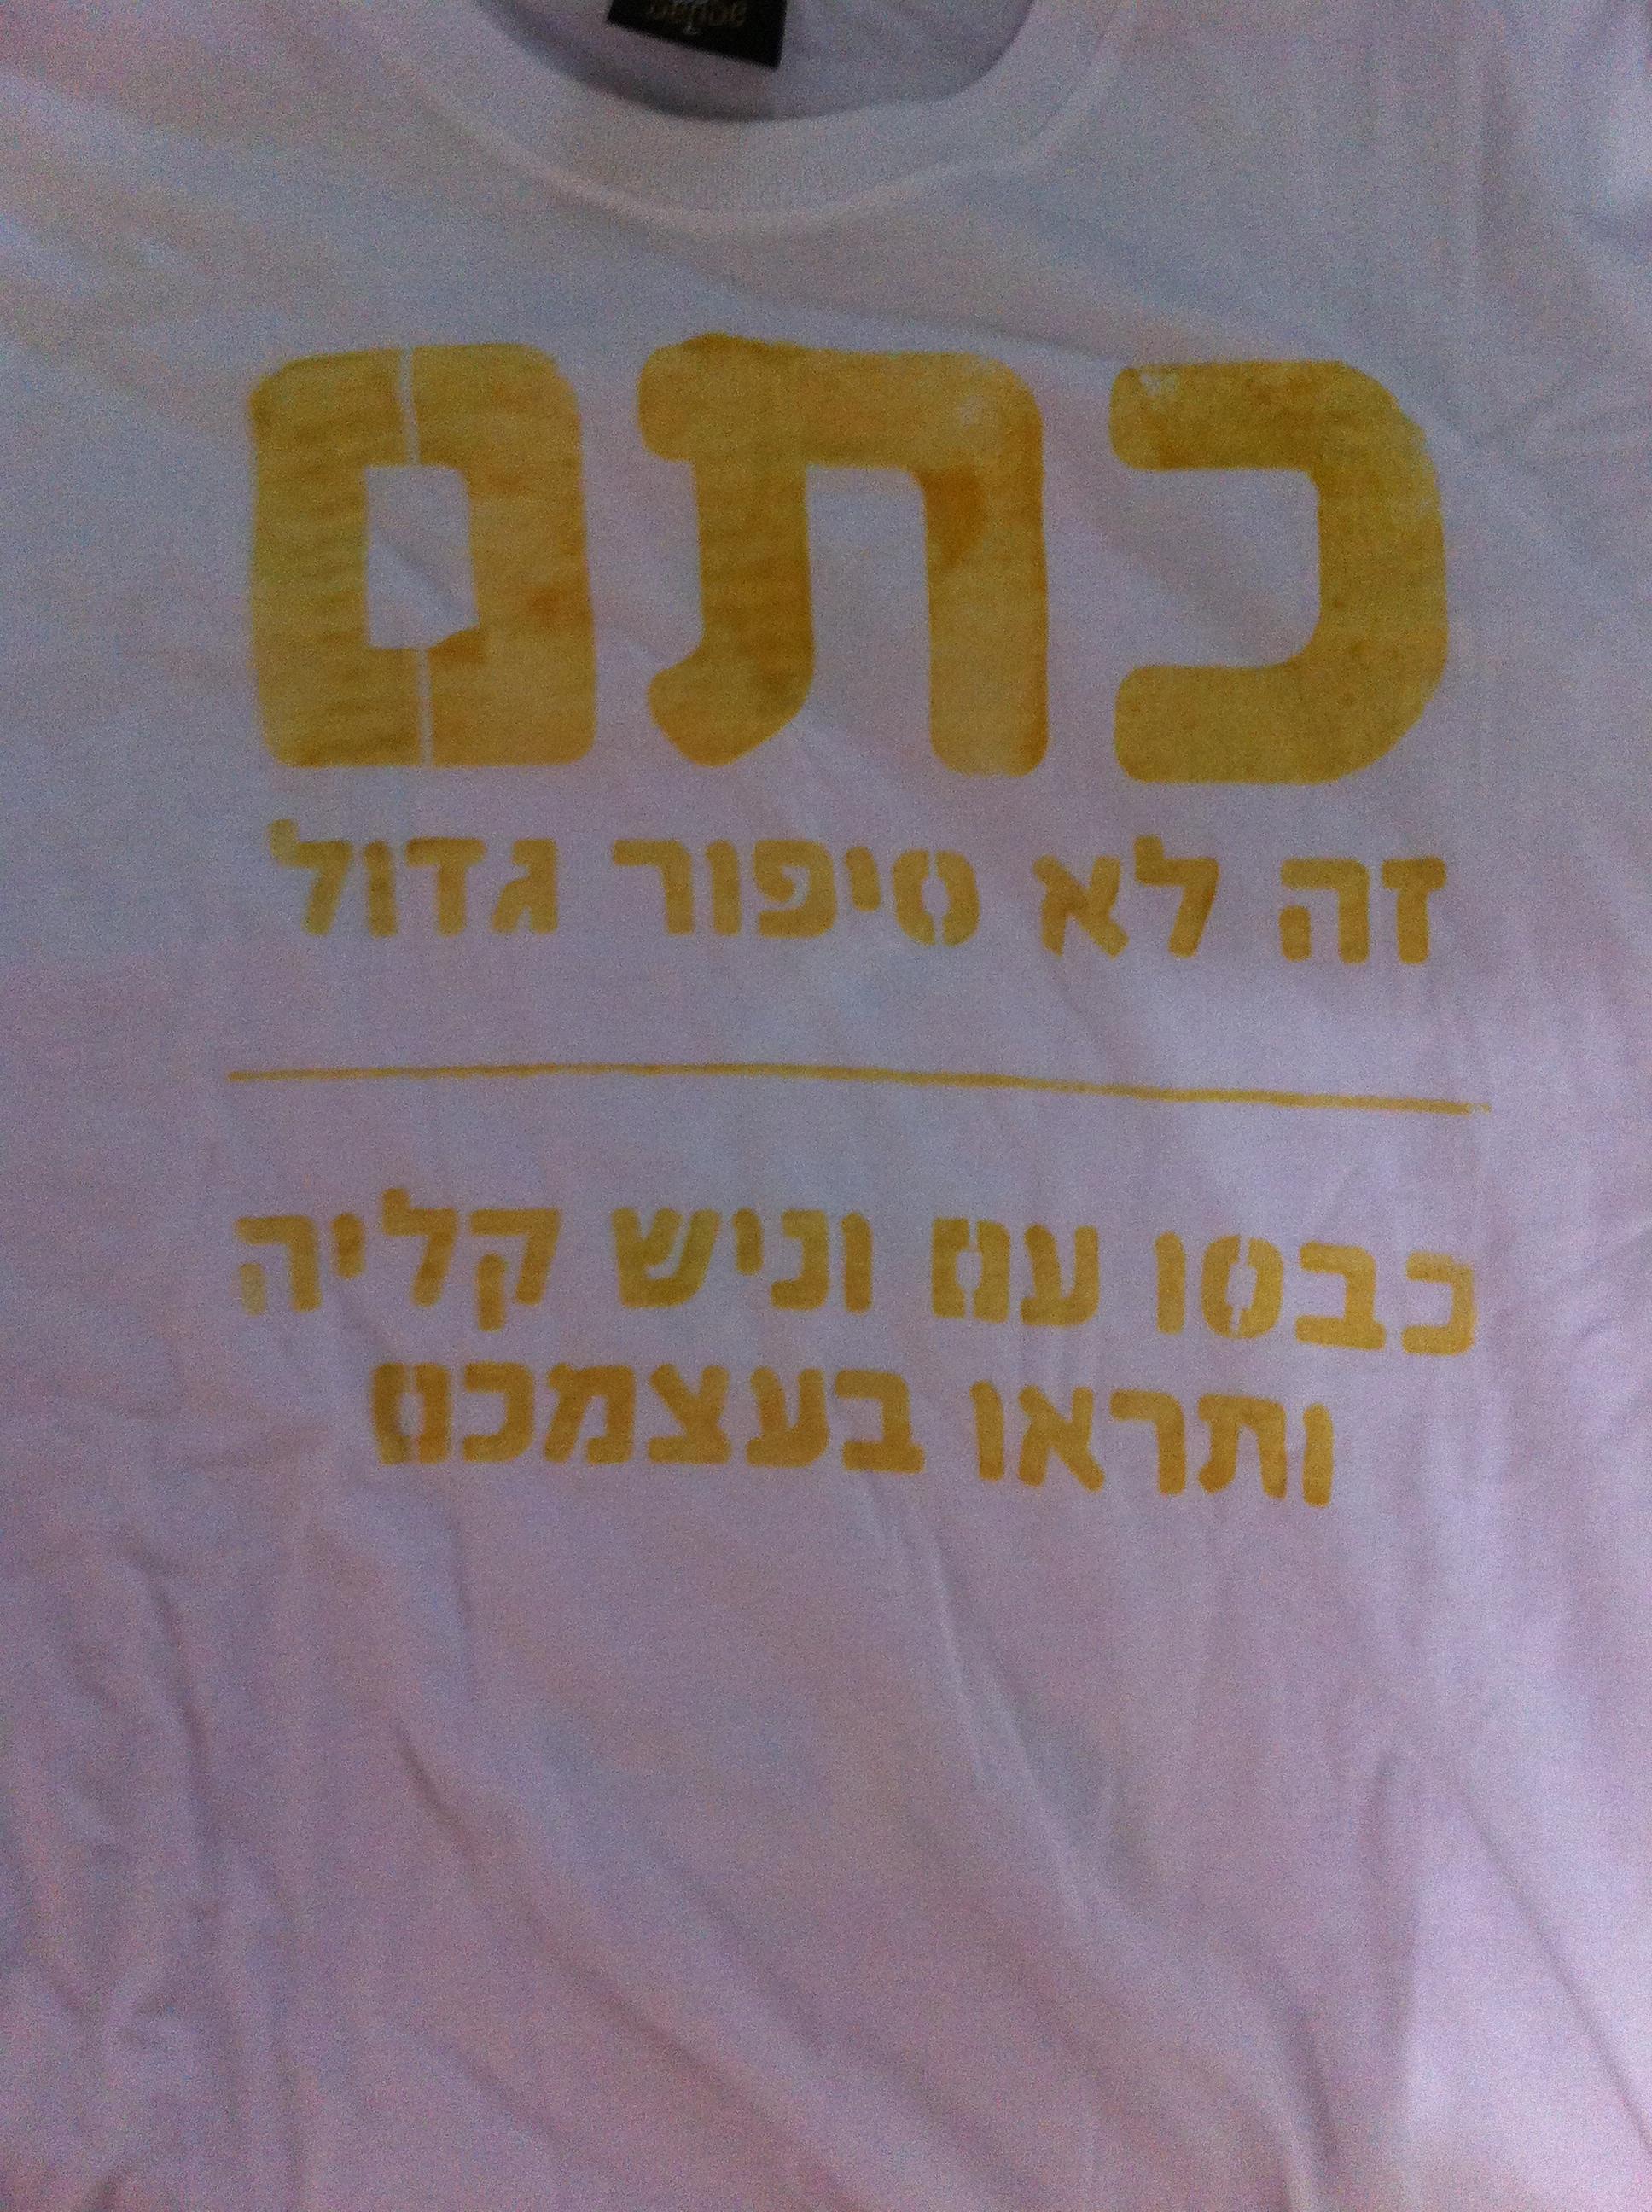 יורו ישראל מציגים: אפילו קומוניקט יכול להיות מעניין